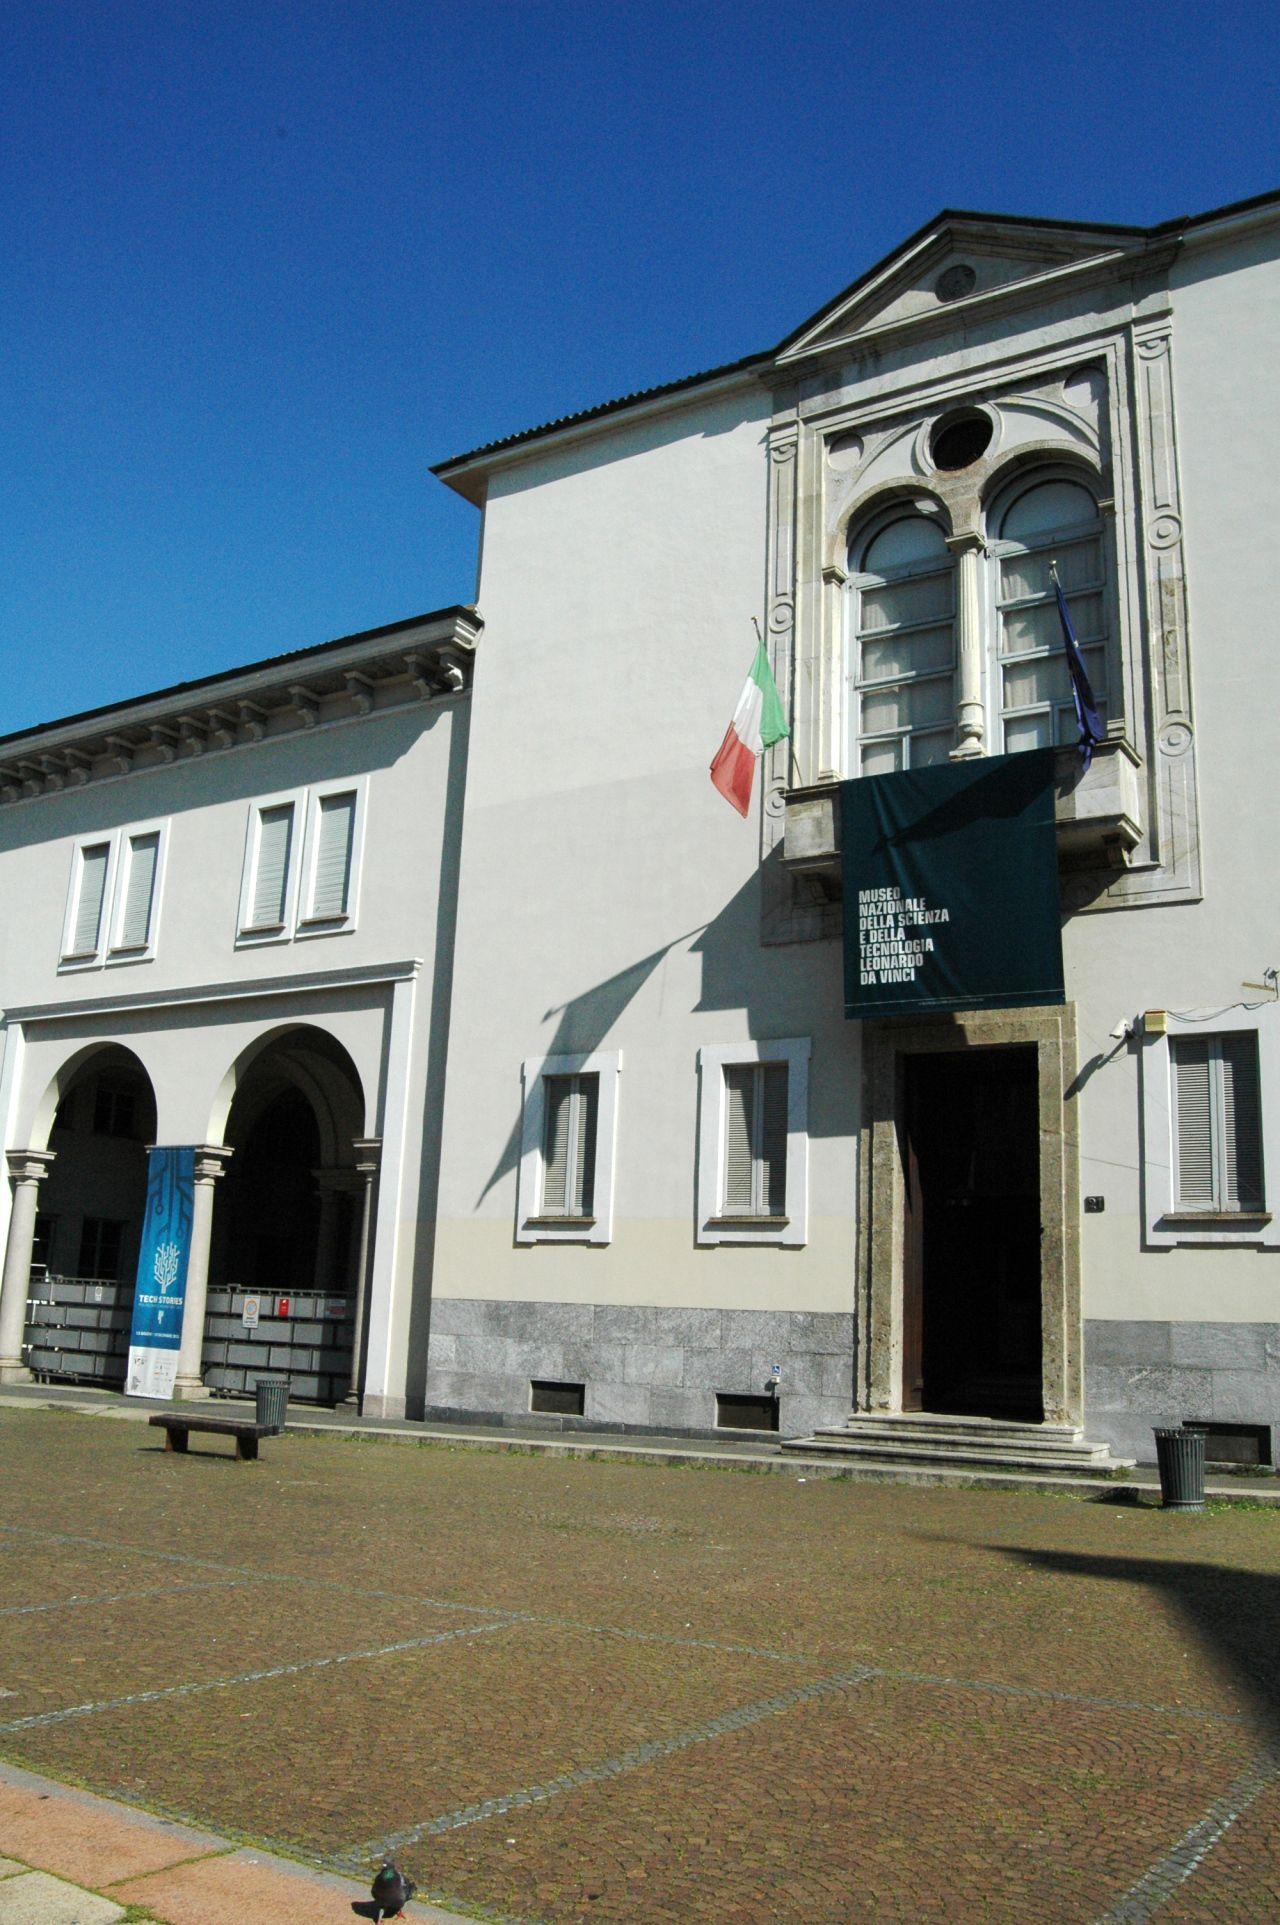 Museo Della Scienza E Della Tecnica Milano.Museo Della Scienza E Della Tecnica In Via San Vittore Citta